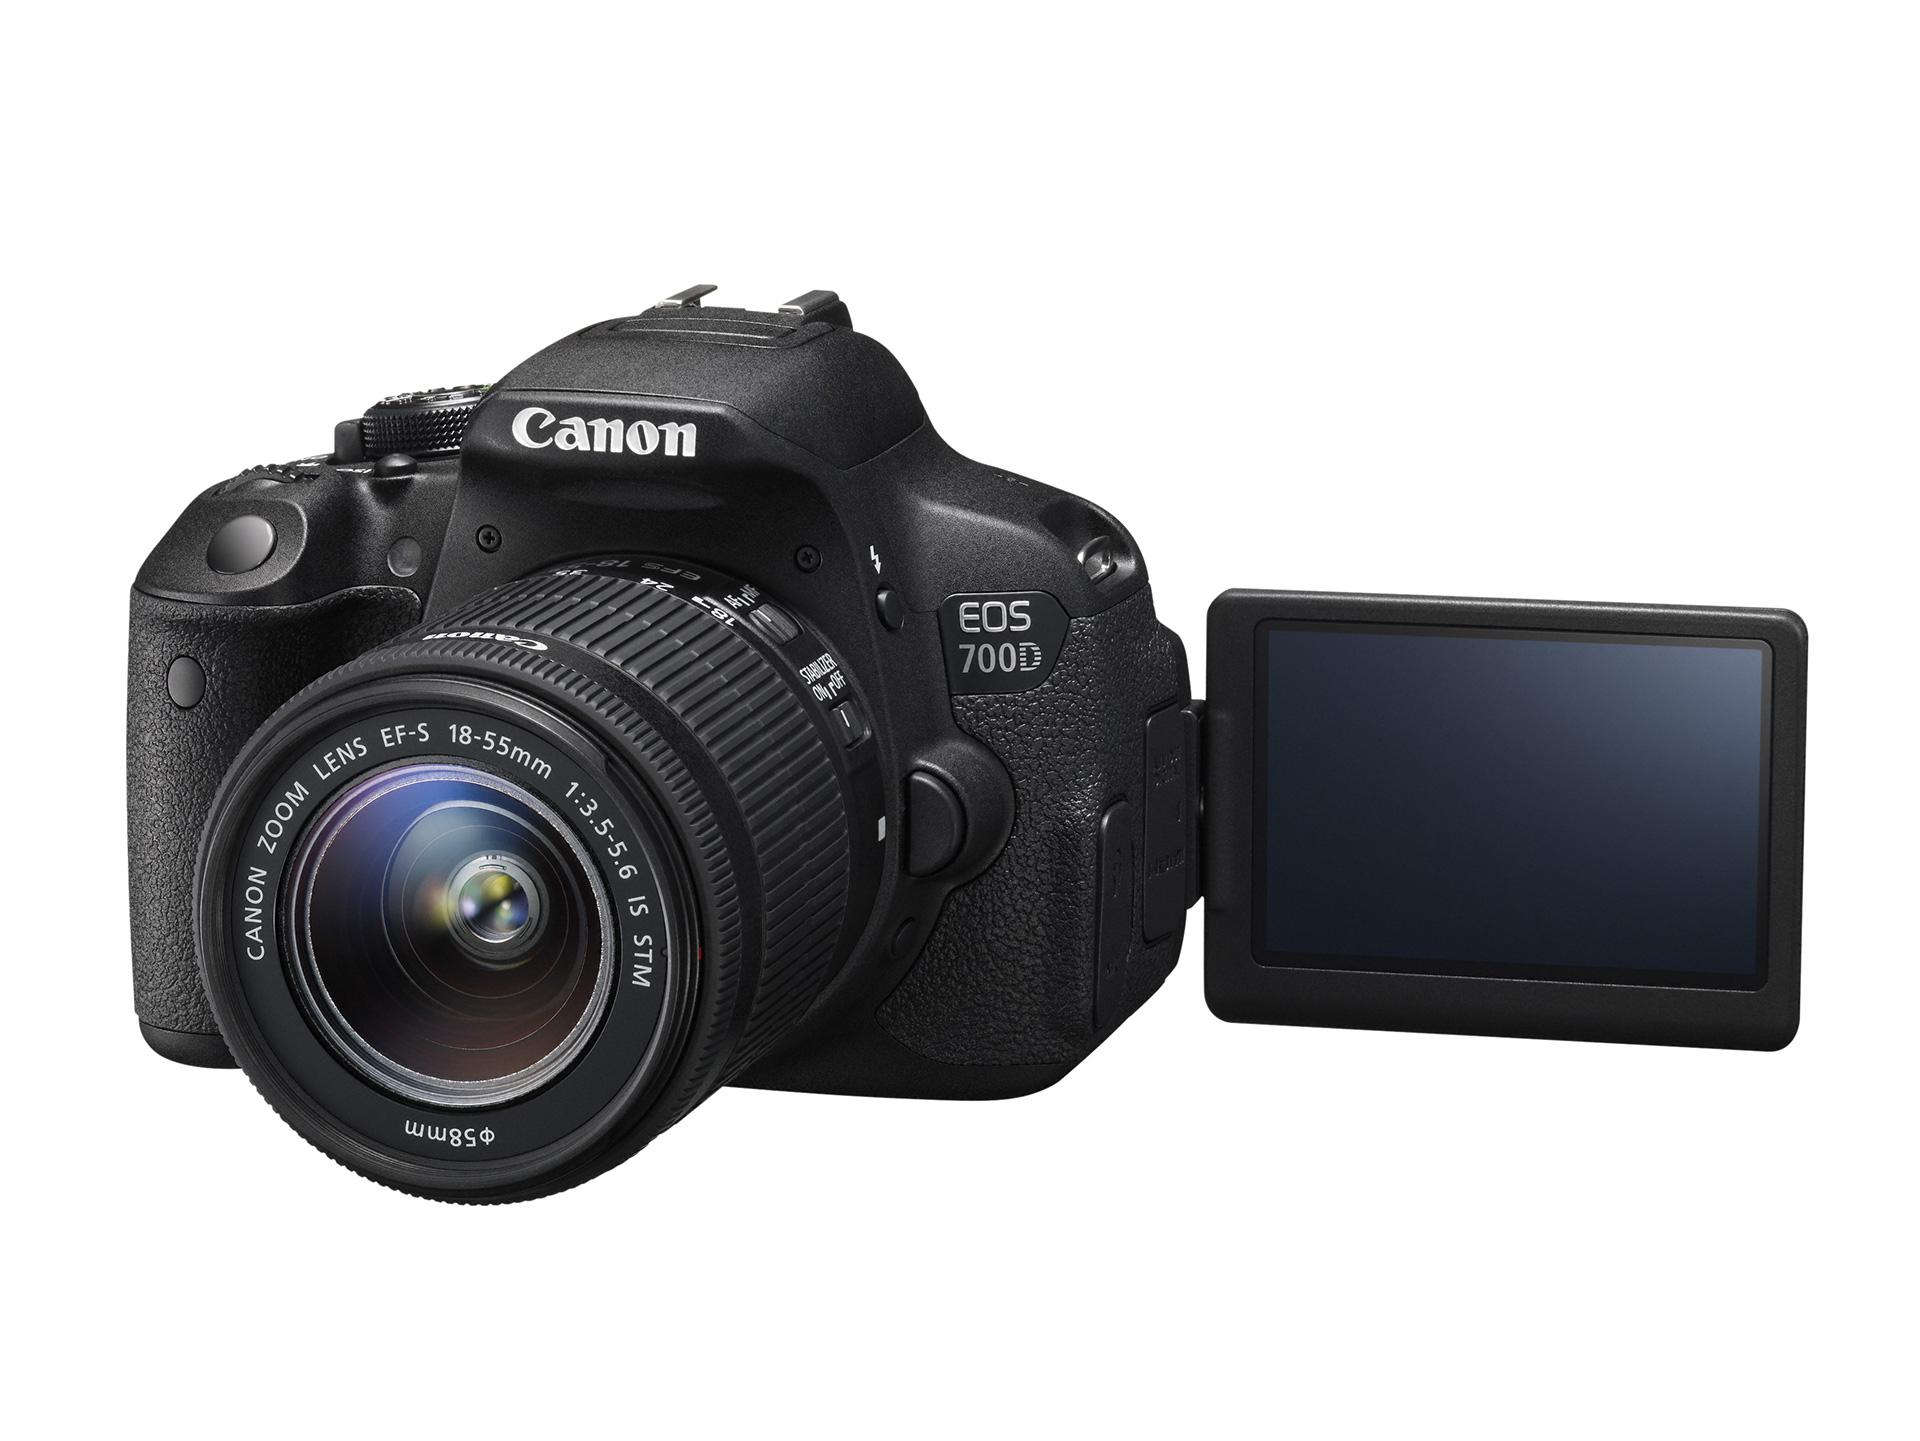 Appareil photo Reflex Canon Eos  700D + objectif 18-55 IS Stm